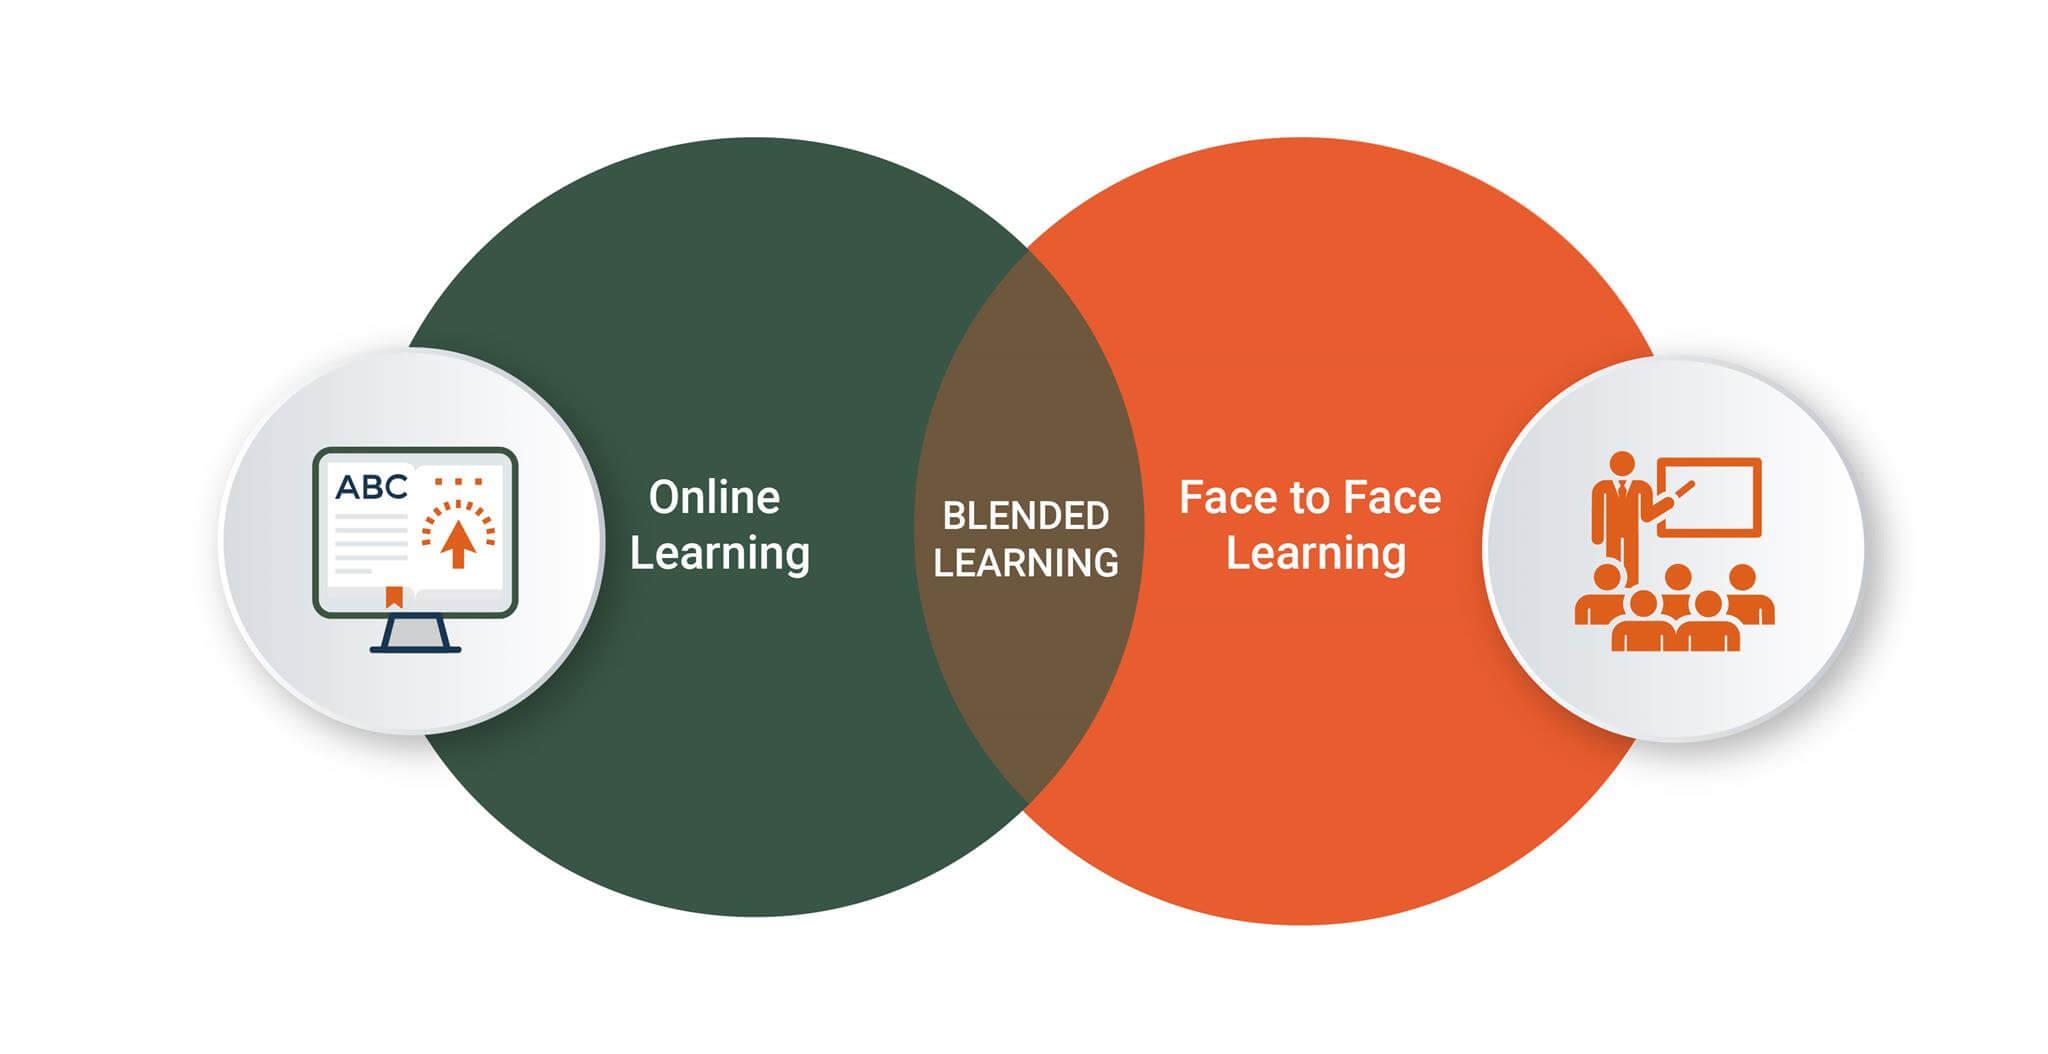 6 mô hình học tập của Blended Learning là gì